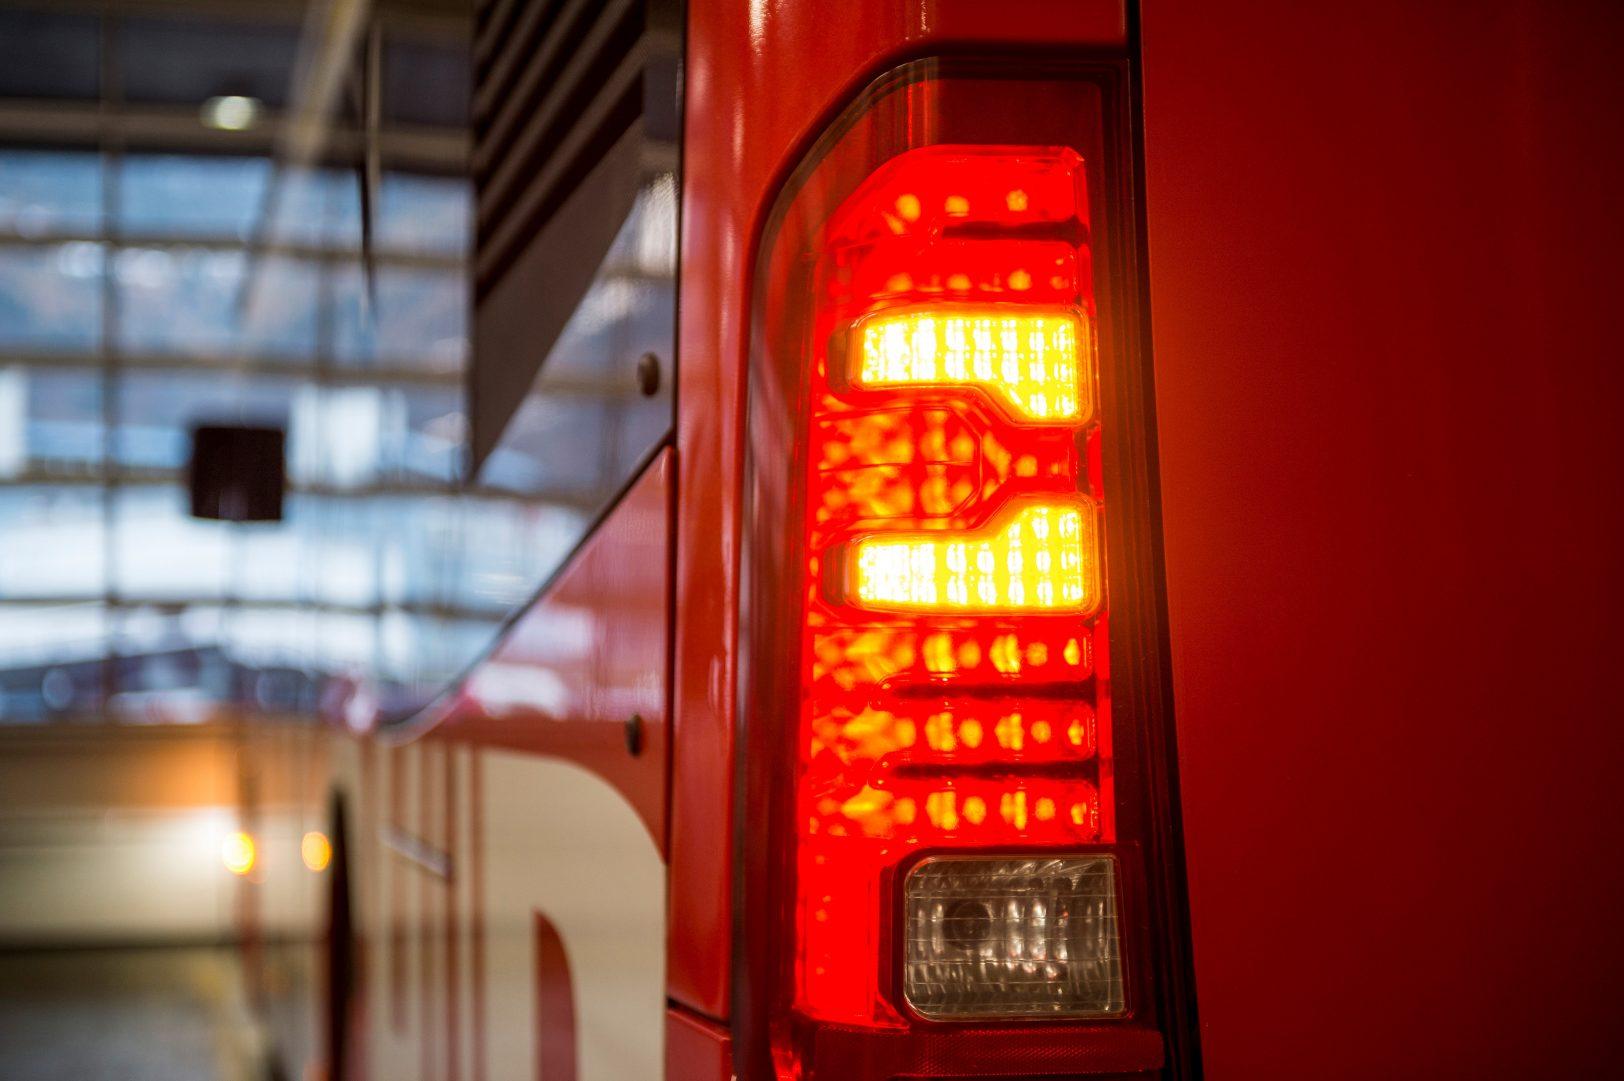 Chur Bus: Chauffeur checkt alle Lichtanlagen.